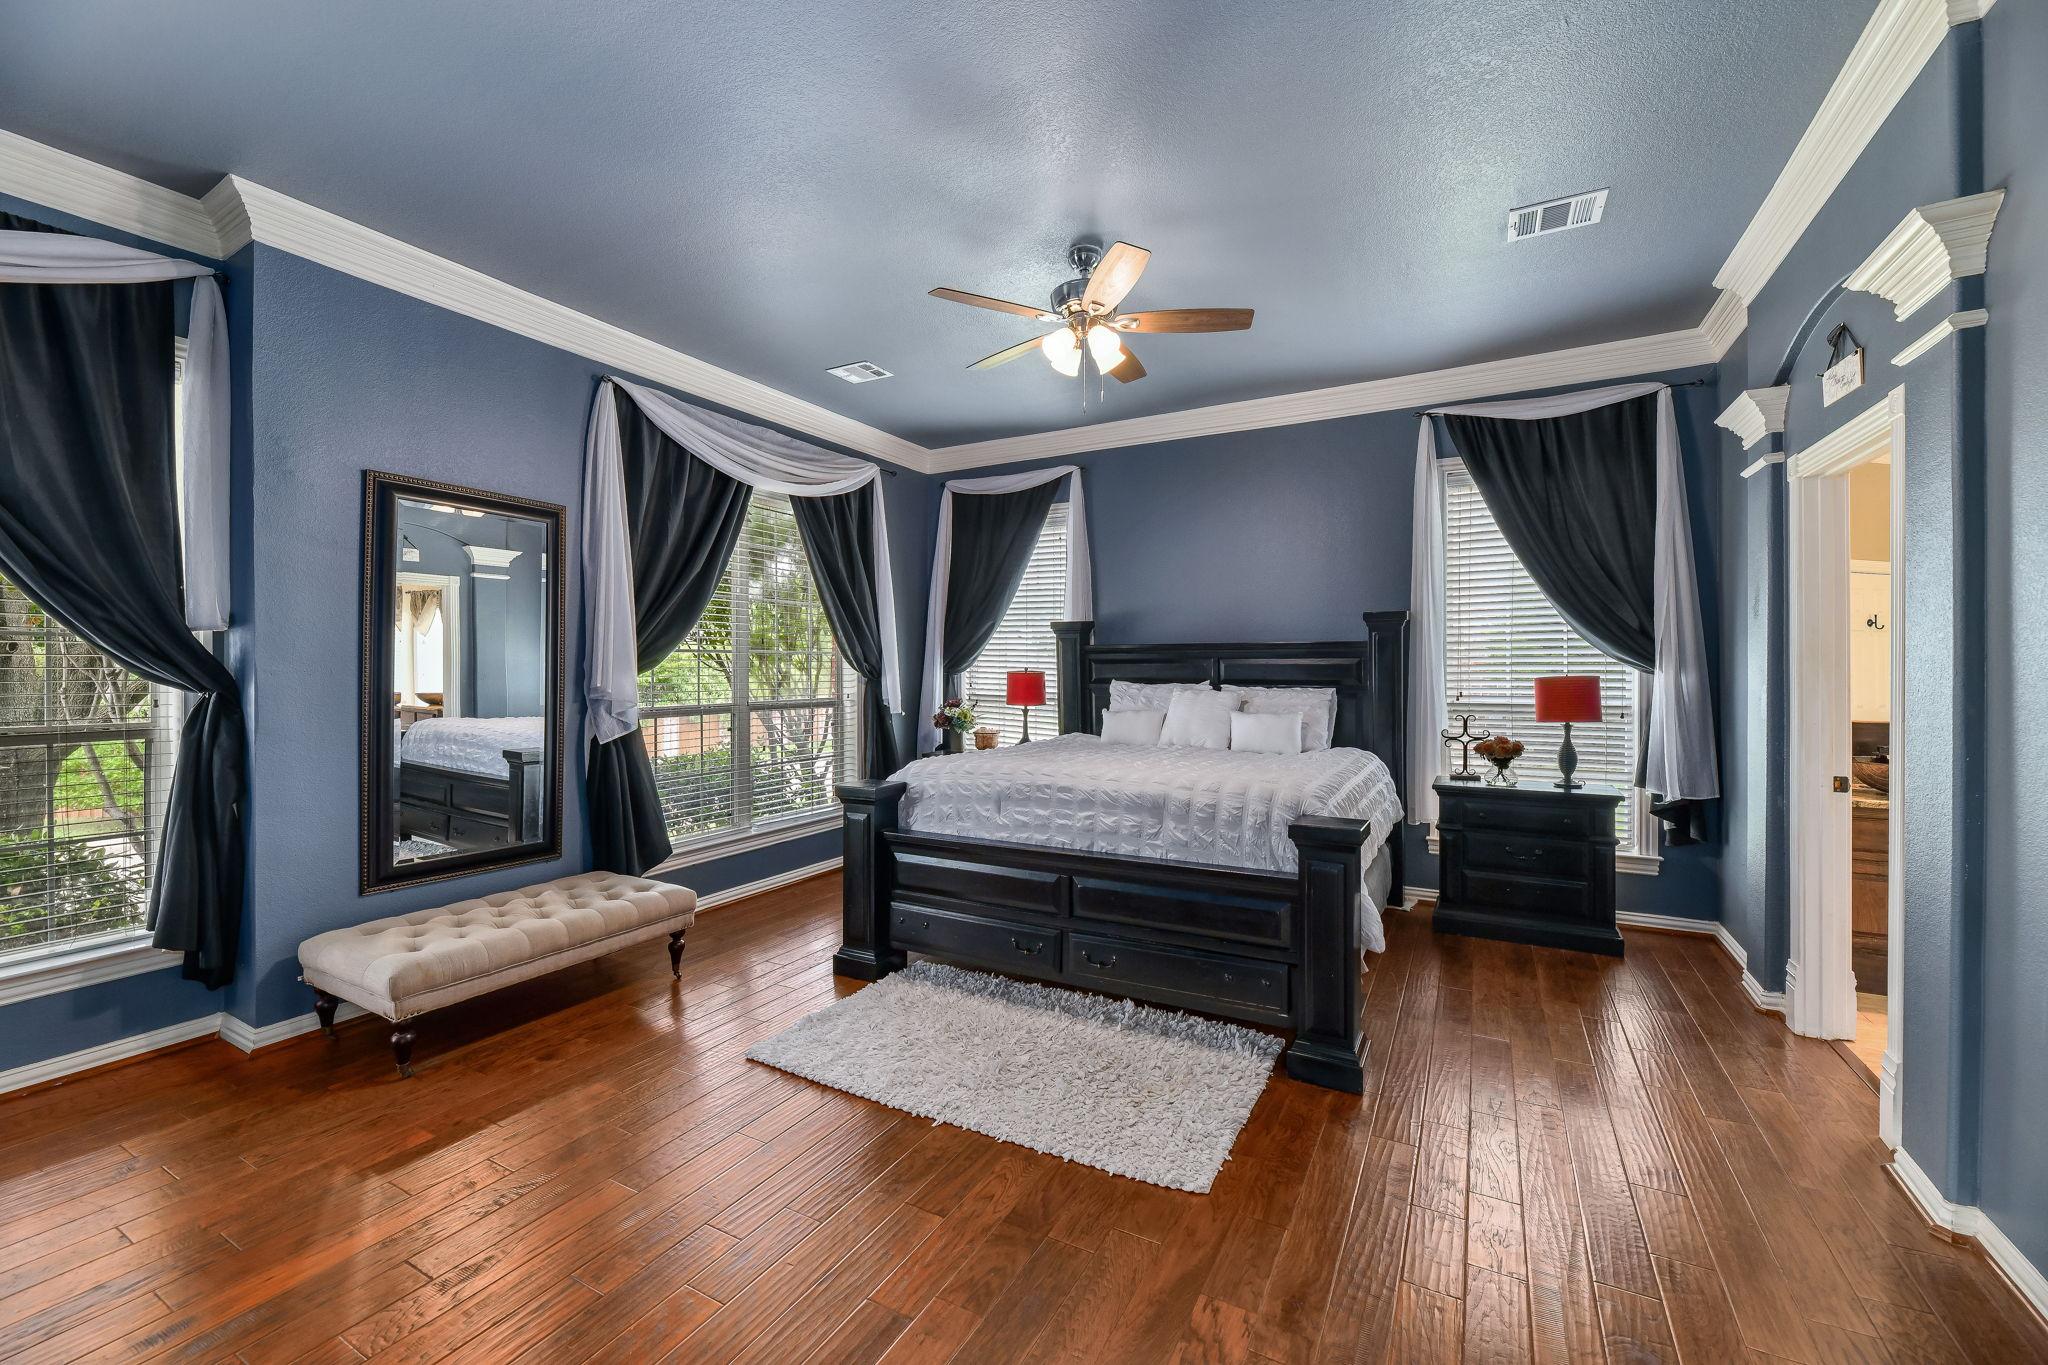 026-Master Bedroom-FULL